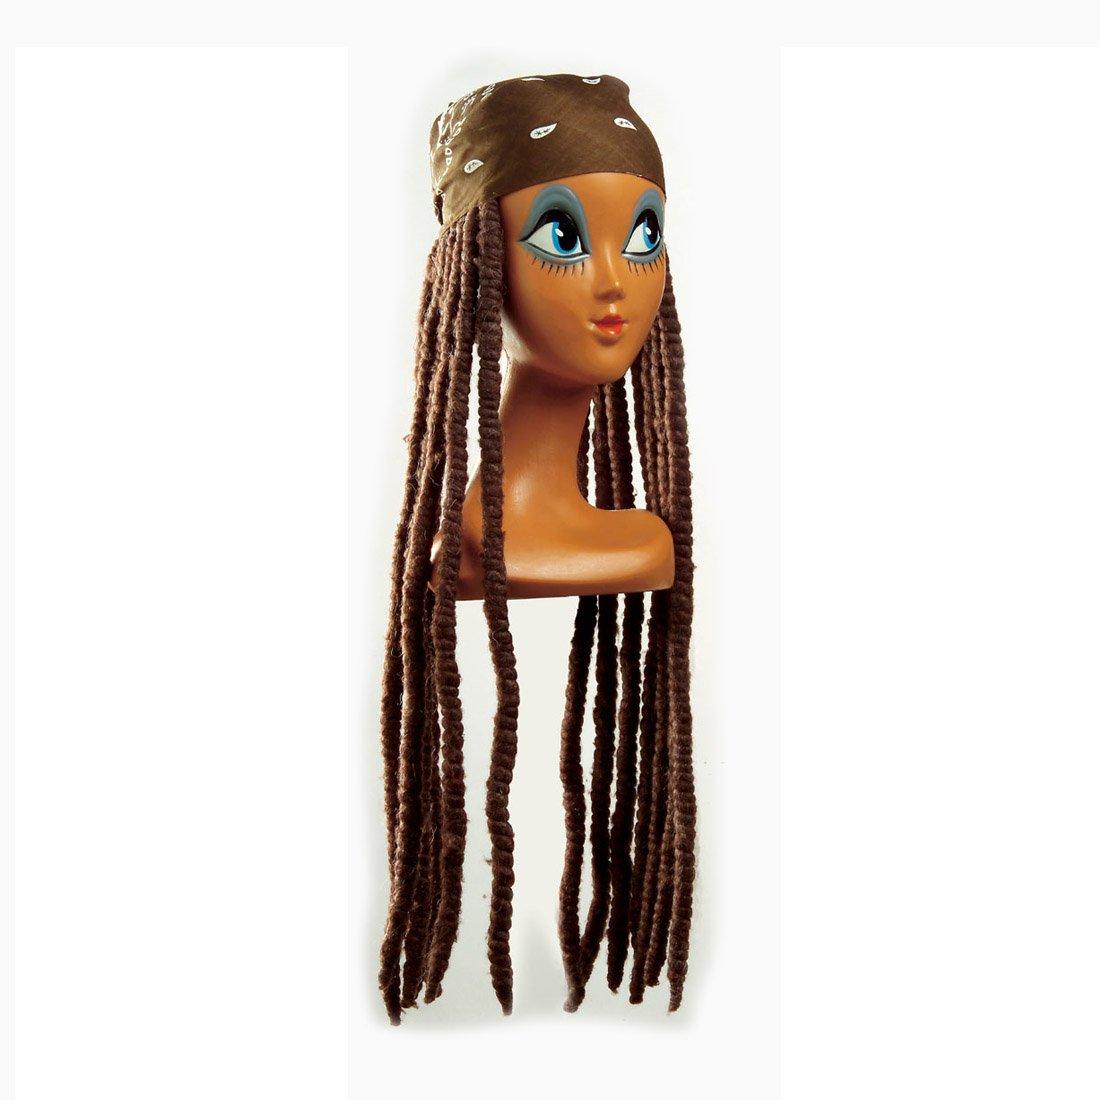 Pañuelo para la cabeza de la peluca marrón con Rasta reggae de la peluca de la peluca de la peluca del Carnaval unisex: Amazon.es: Juguetes y juegos